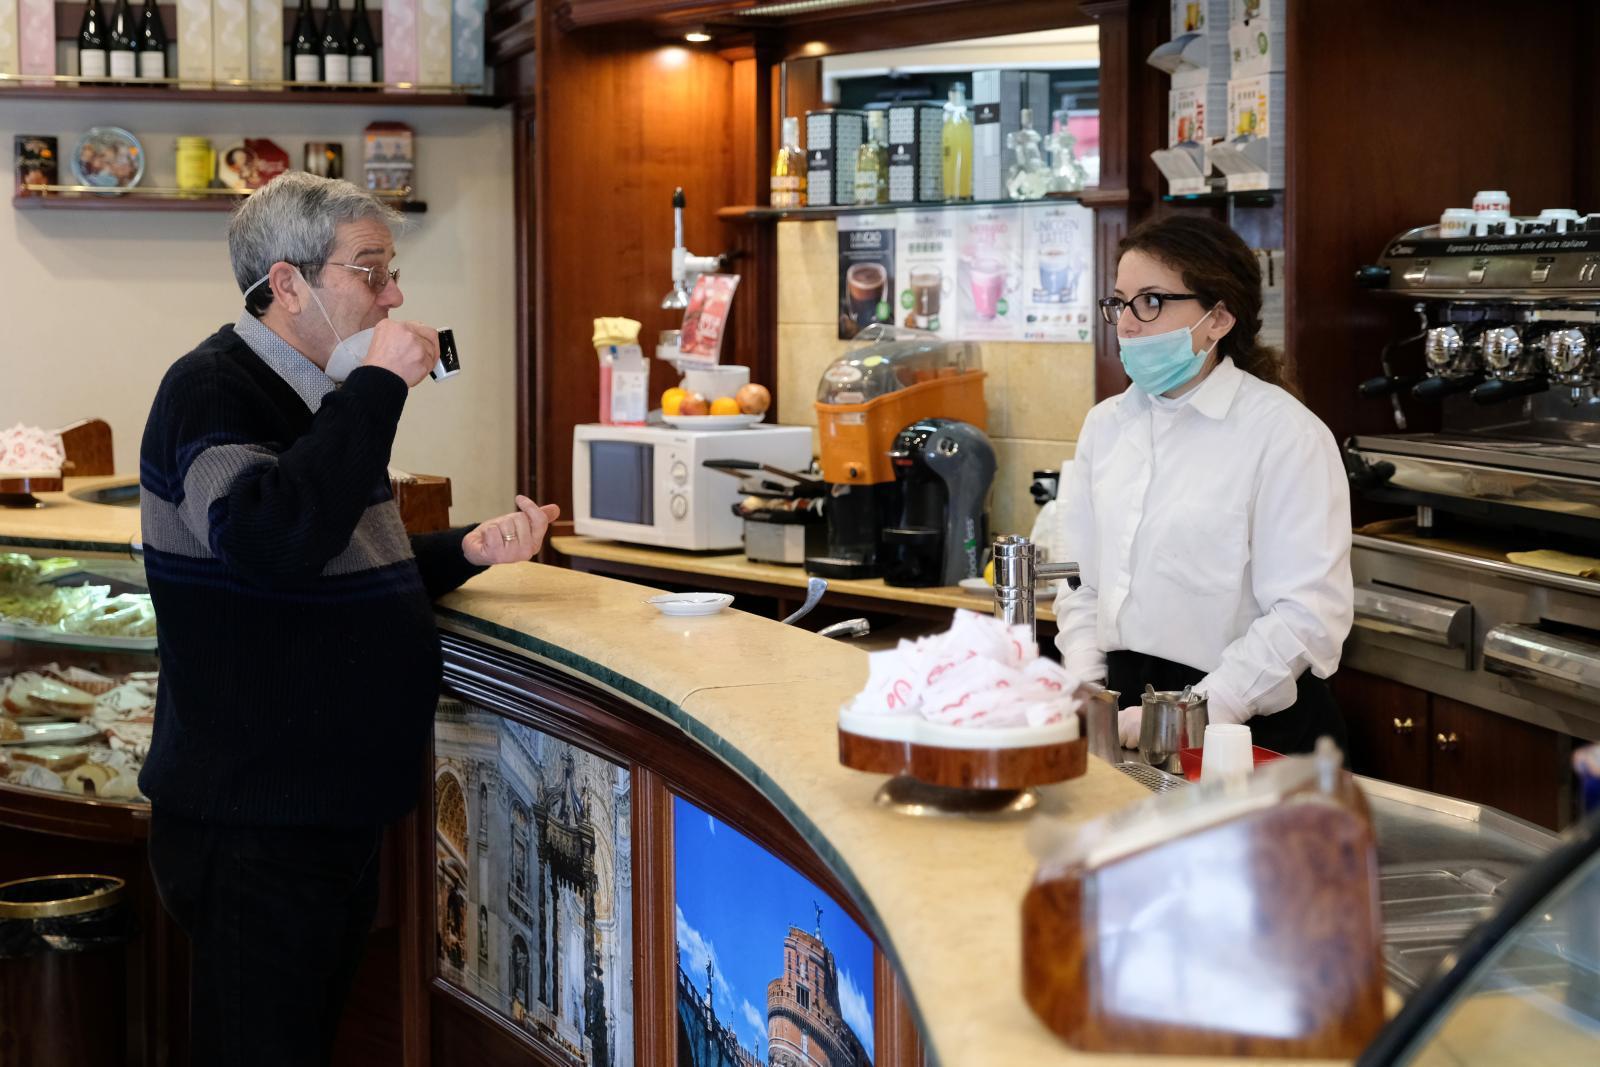 บุคลากรการแพทย์อิตาลีติดเชื้อโควิด-19 อย่างน้อย 2,629 ราย